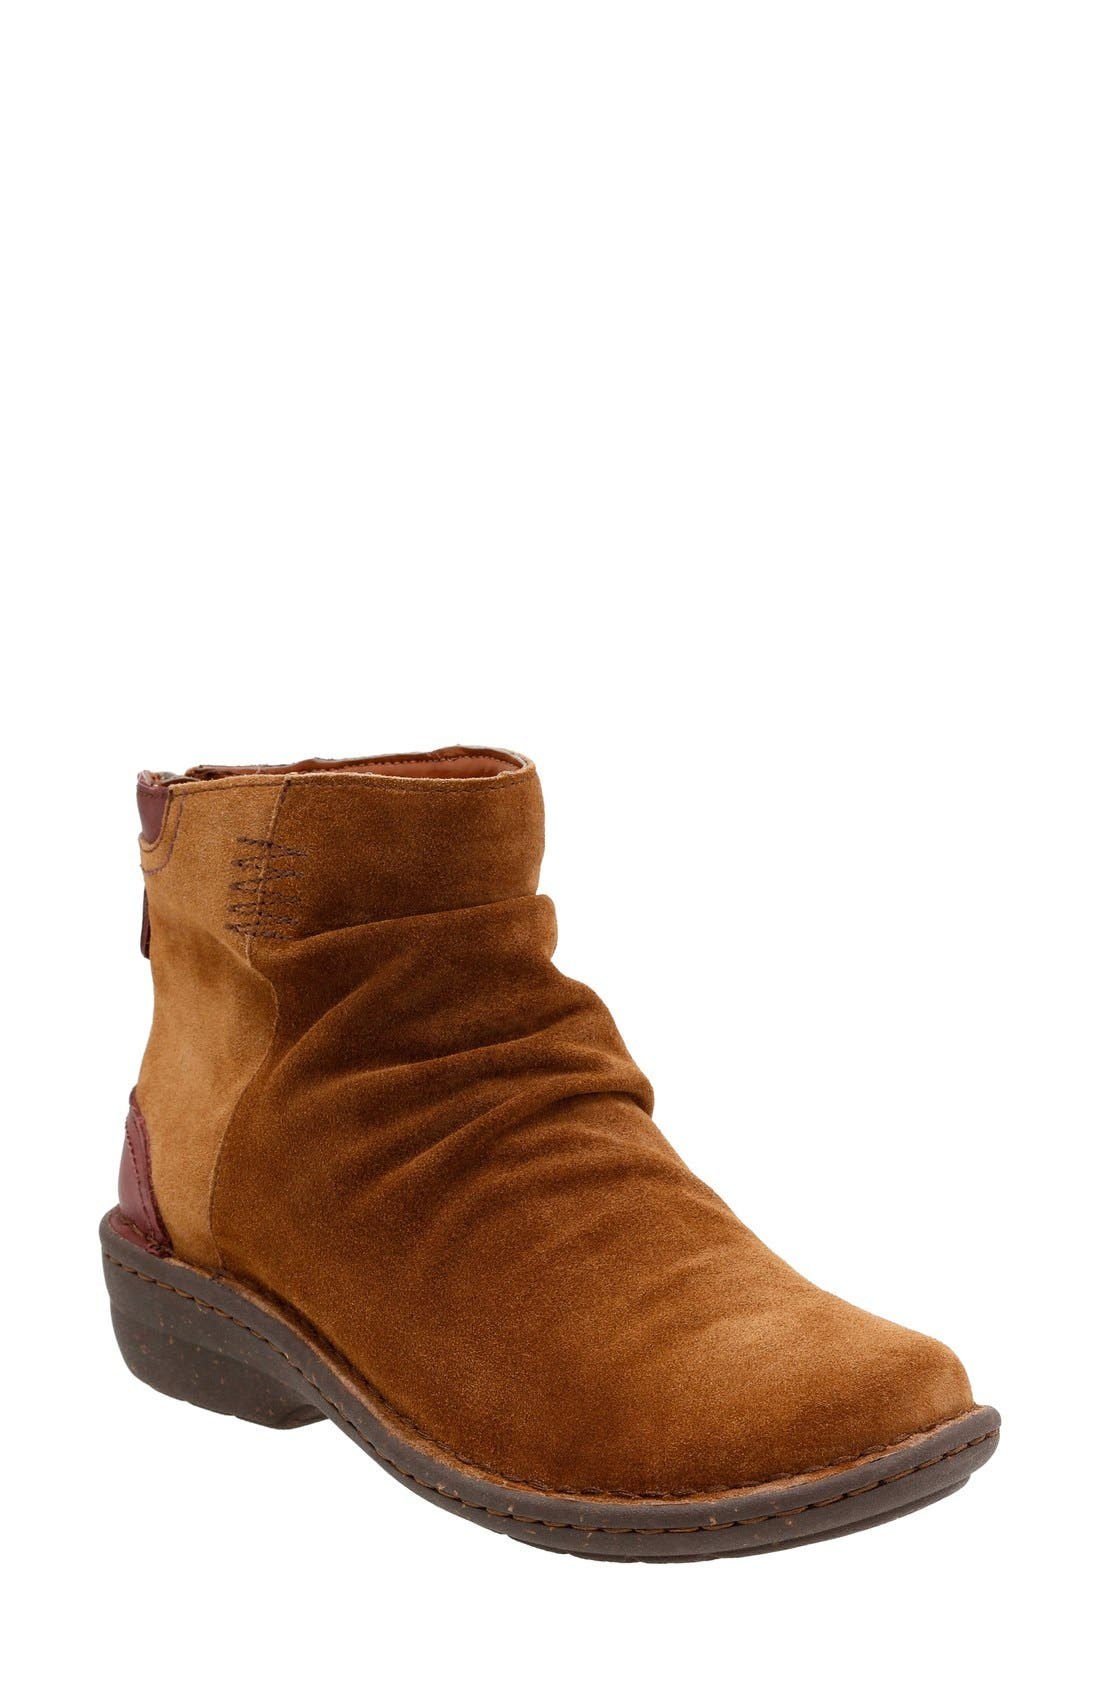 Main Image - Clarks® 'Avington Swan' Ankle Boot (Women)